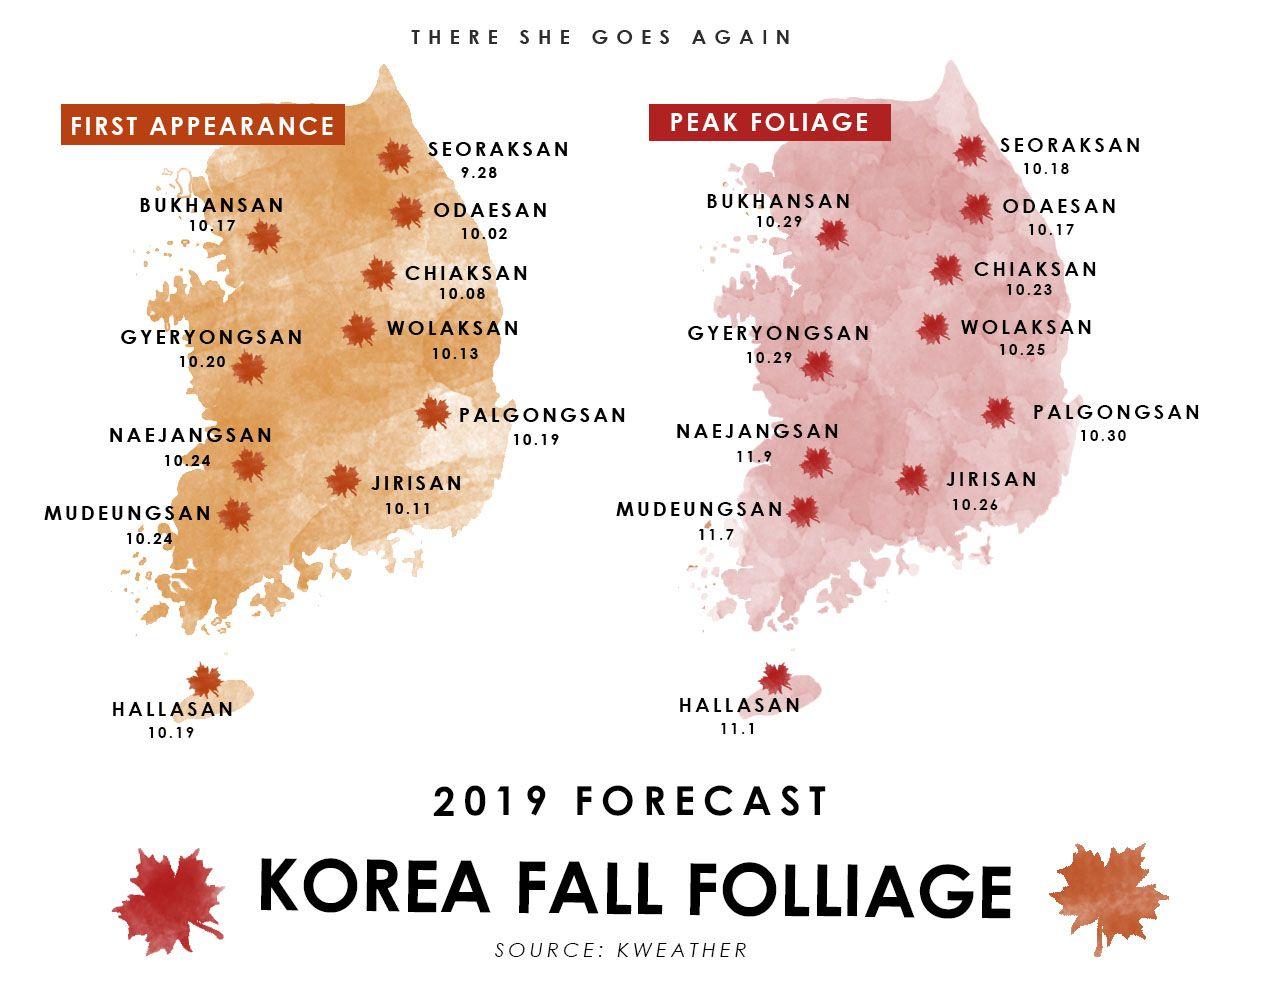 Autumn In Korea 2020 Forecast Food Festivals And More Autumn In Korea Korea Fall Foliage Tour